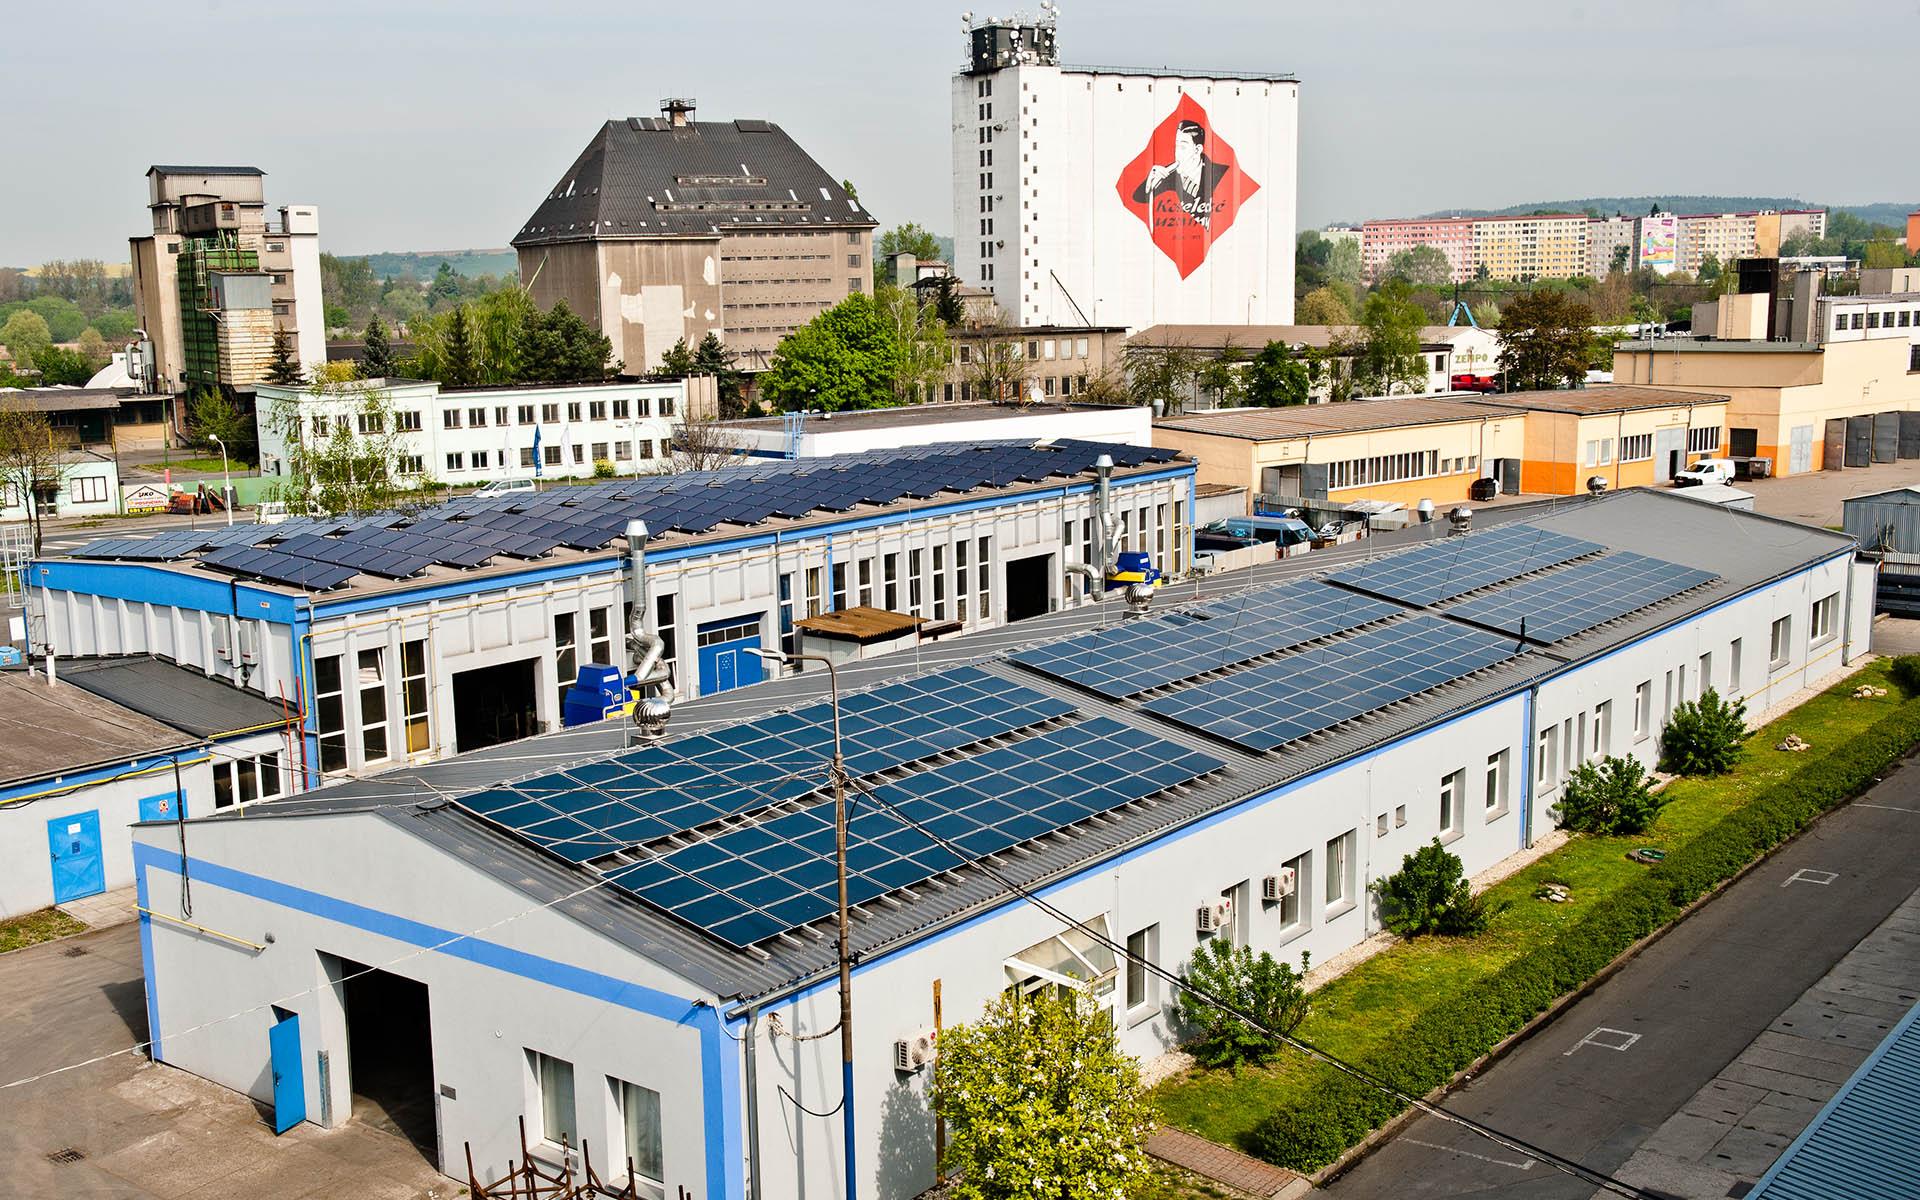 Průmyslový areál, Přerov. Instalace fotovoltaické elektrárny o výkonu 90 kWp.